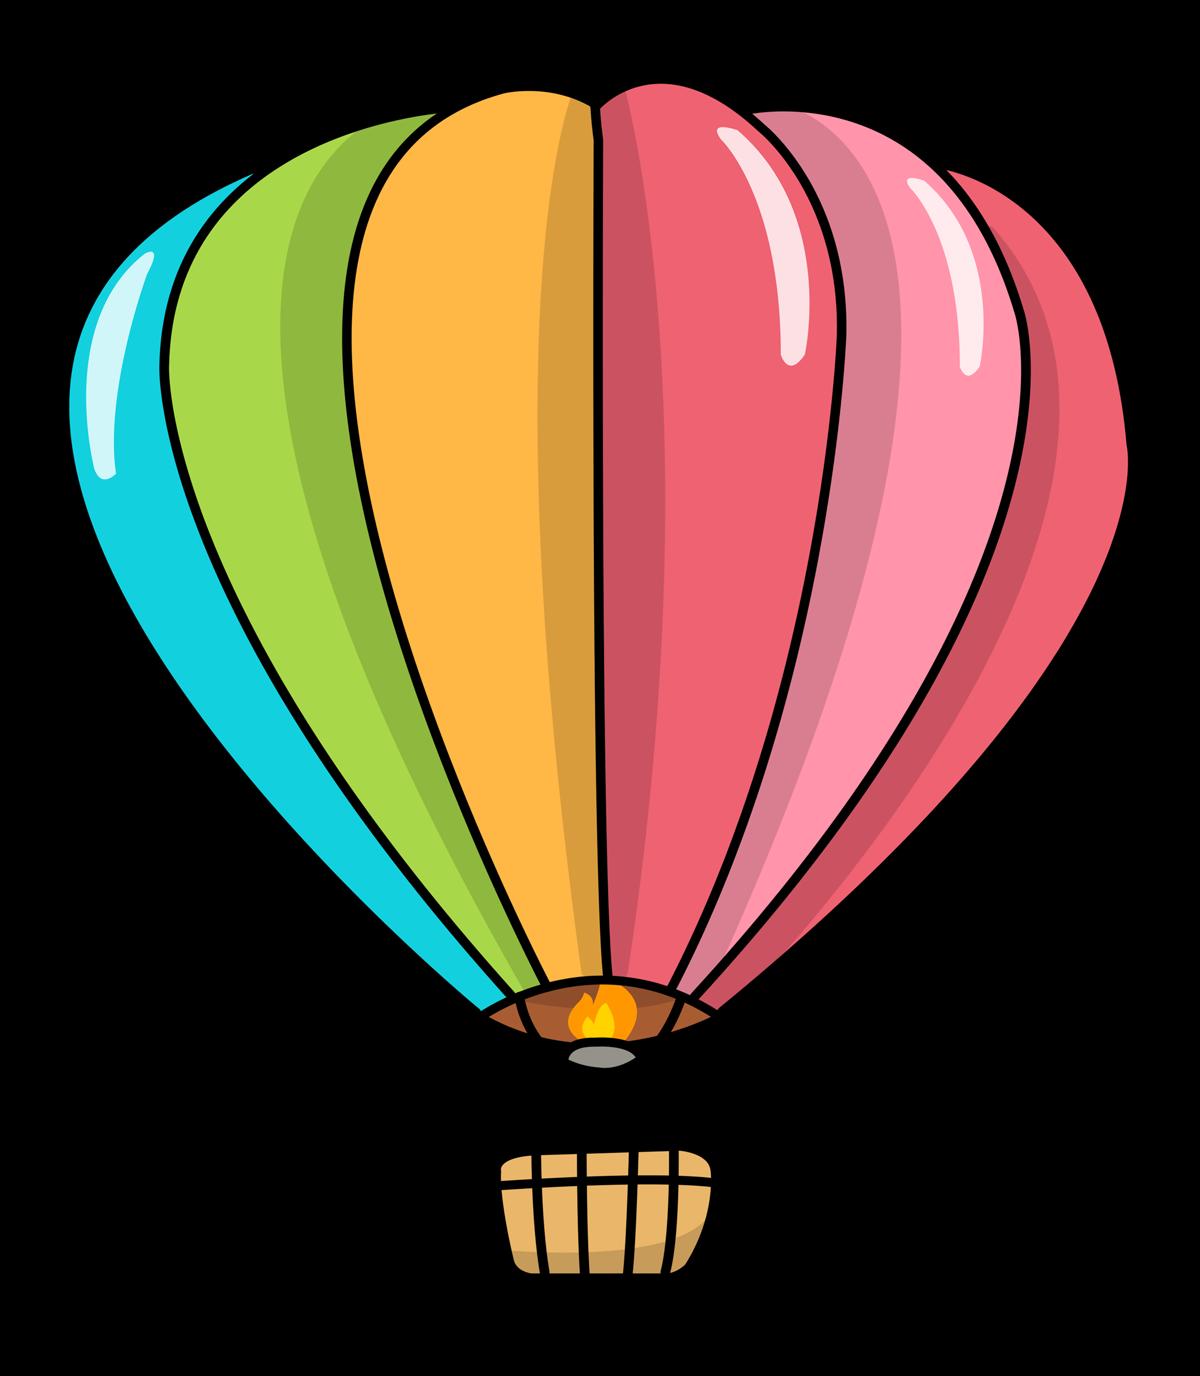 Air balloon clip art. Hot clipart hot climate